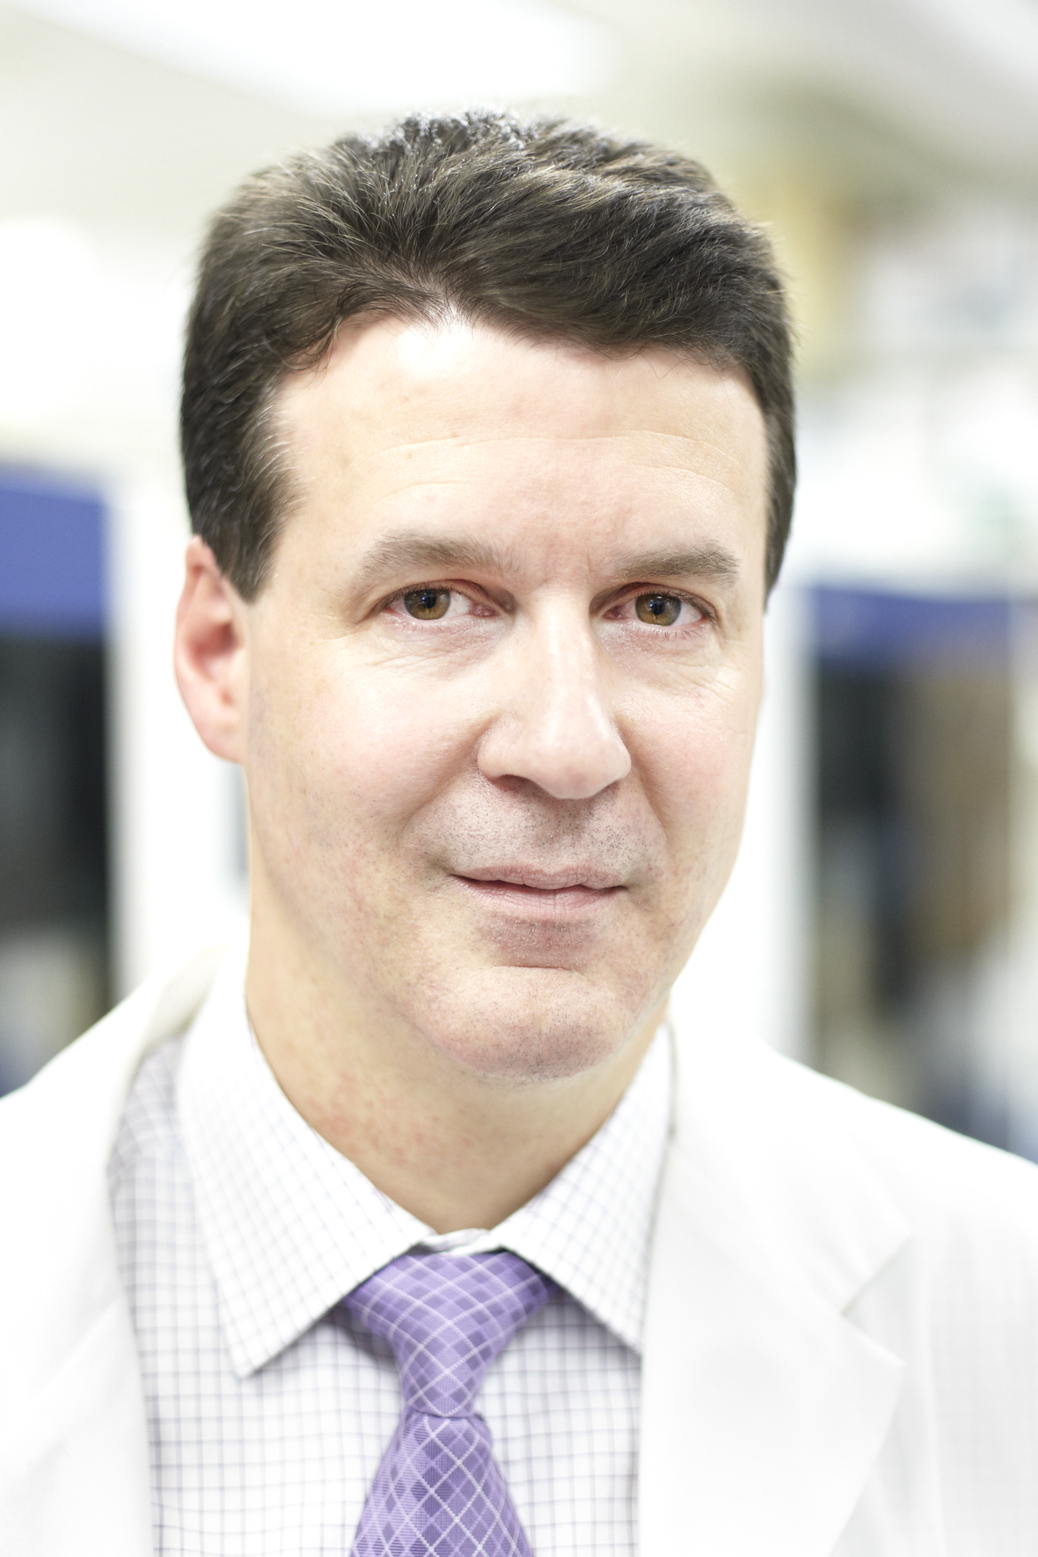 image of Stephen W. Scherer